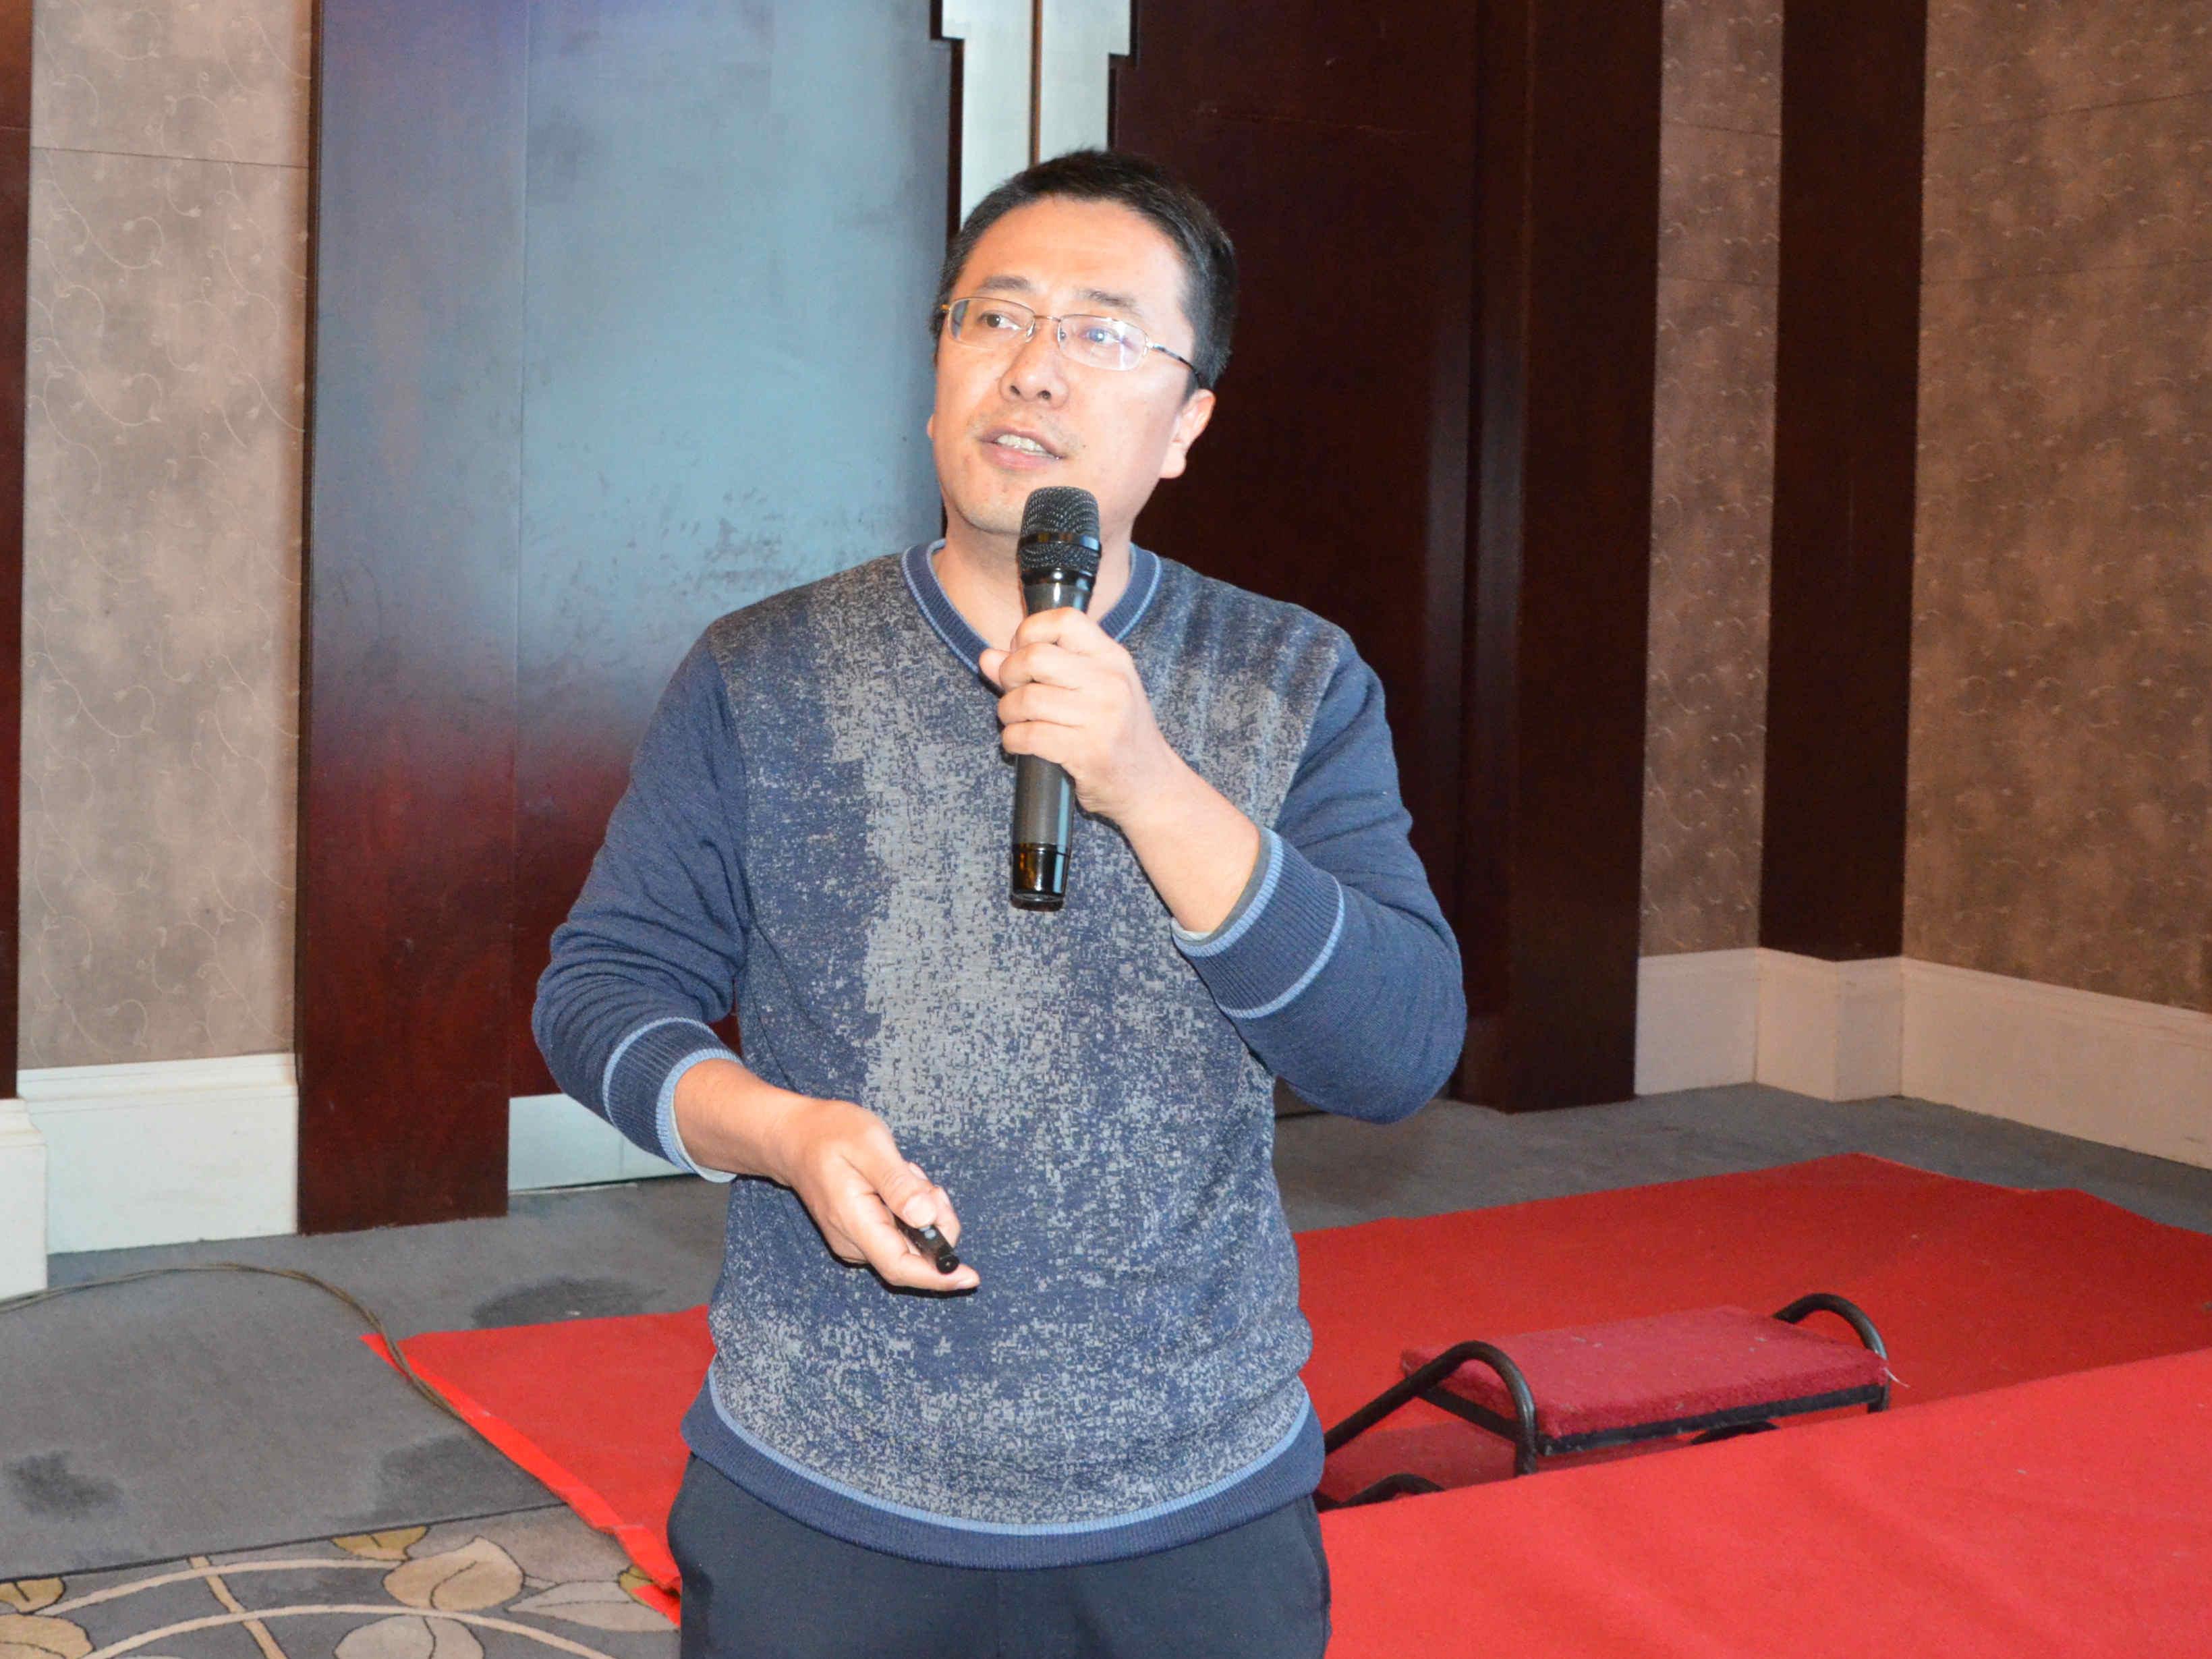 中国科学院南京地理与湖泊研究所研究员尹洪斌作《凹凸棒石湖泊锁磷材料研发与应用》专题报告